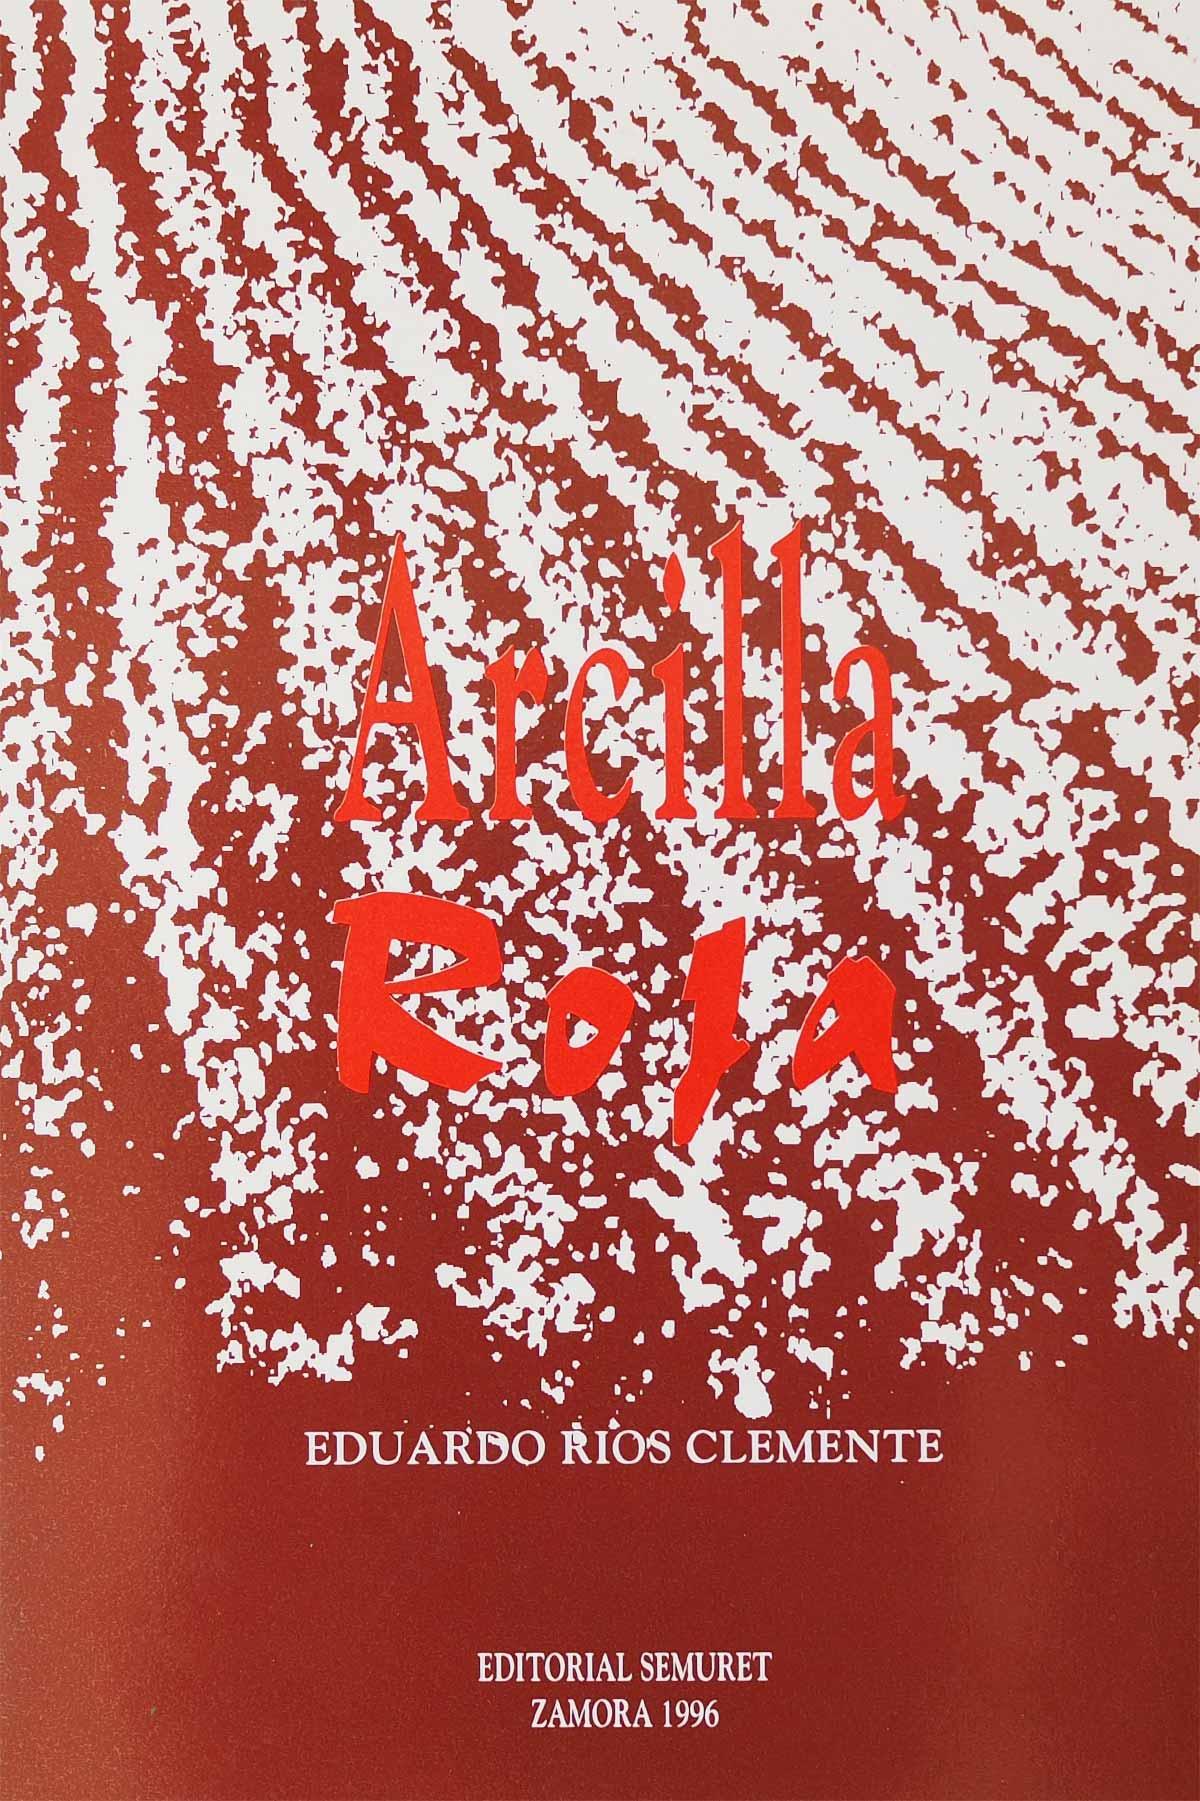 arcilla-roja-eduardo-rios-clemente-editorial-semuret